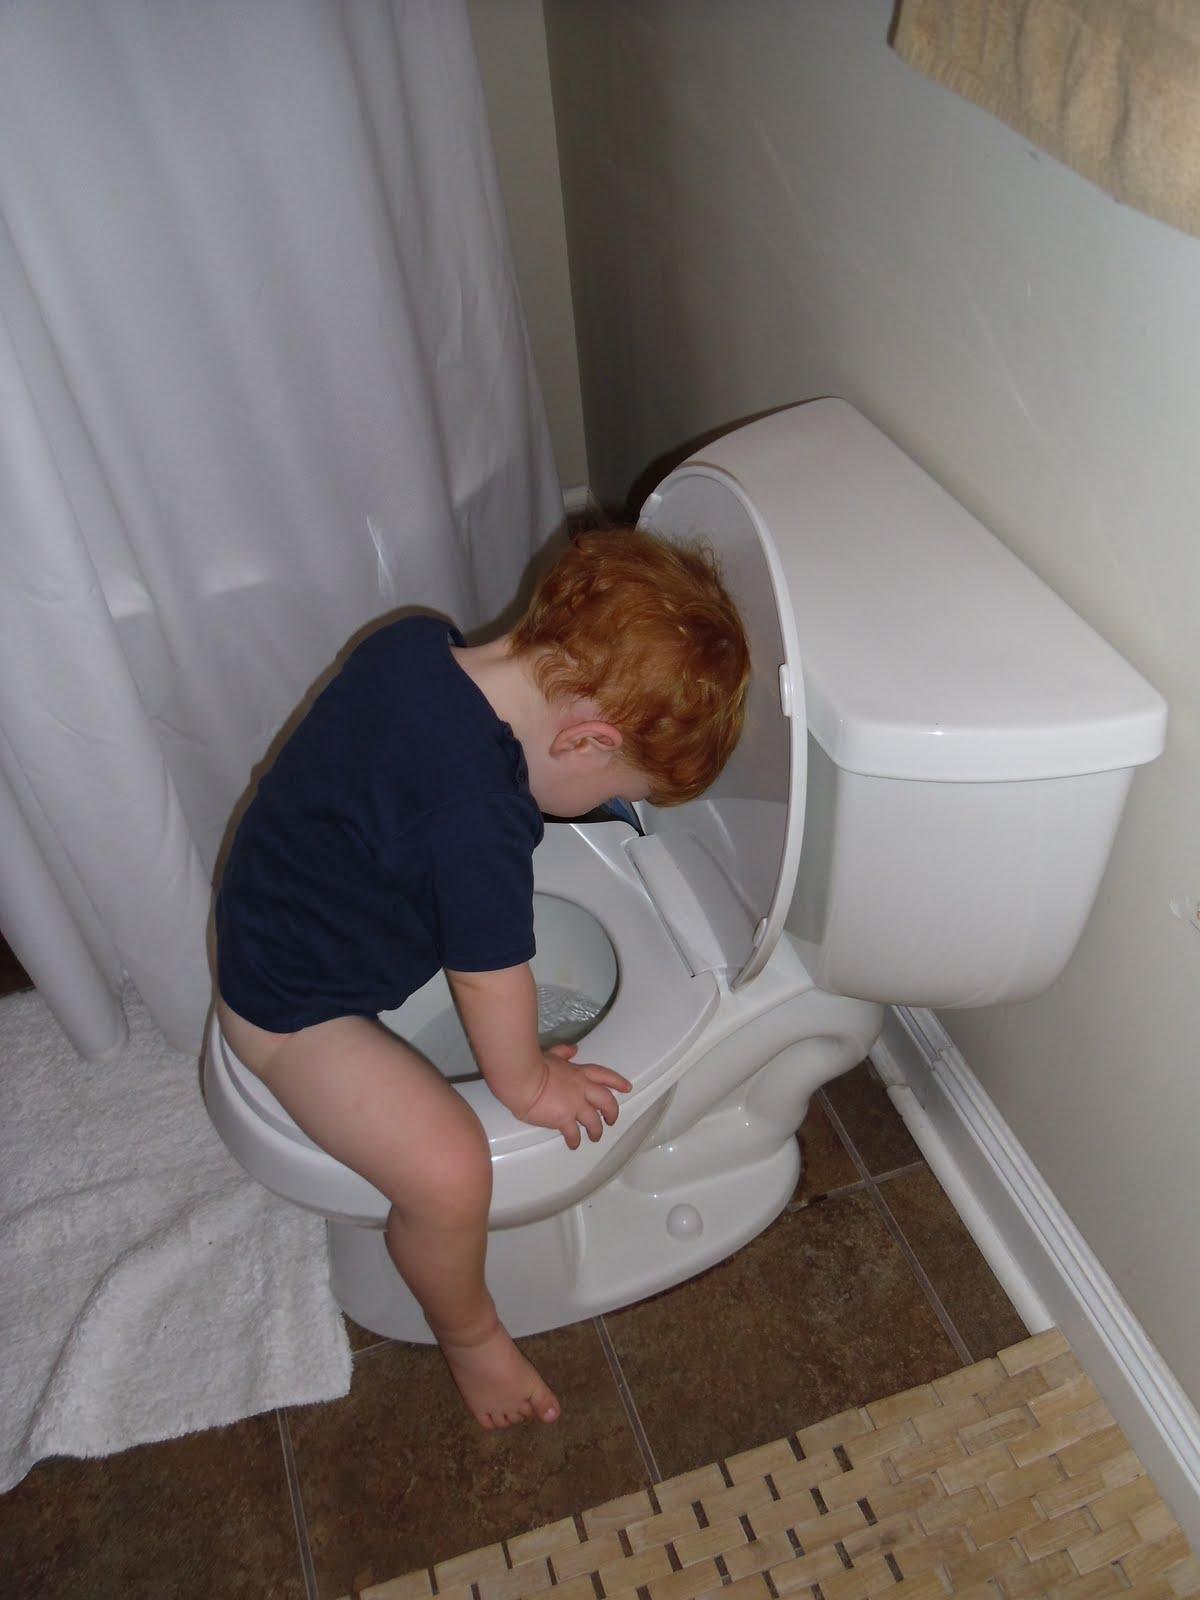 pee pee backwards is jack s preferred ...